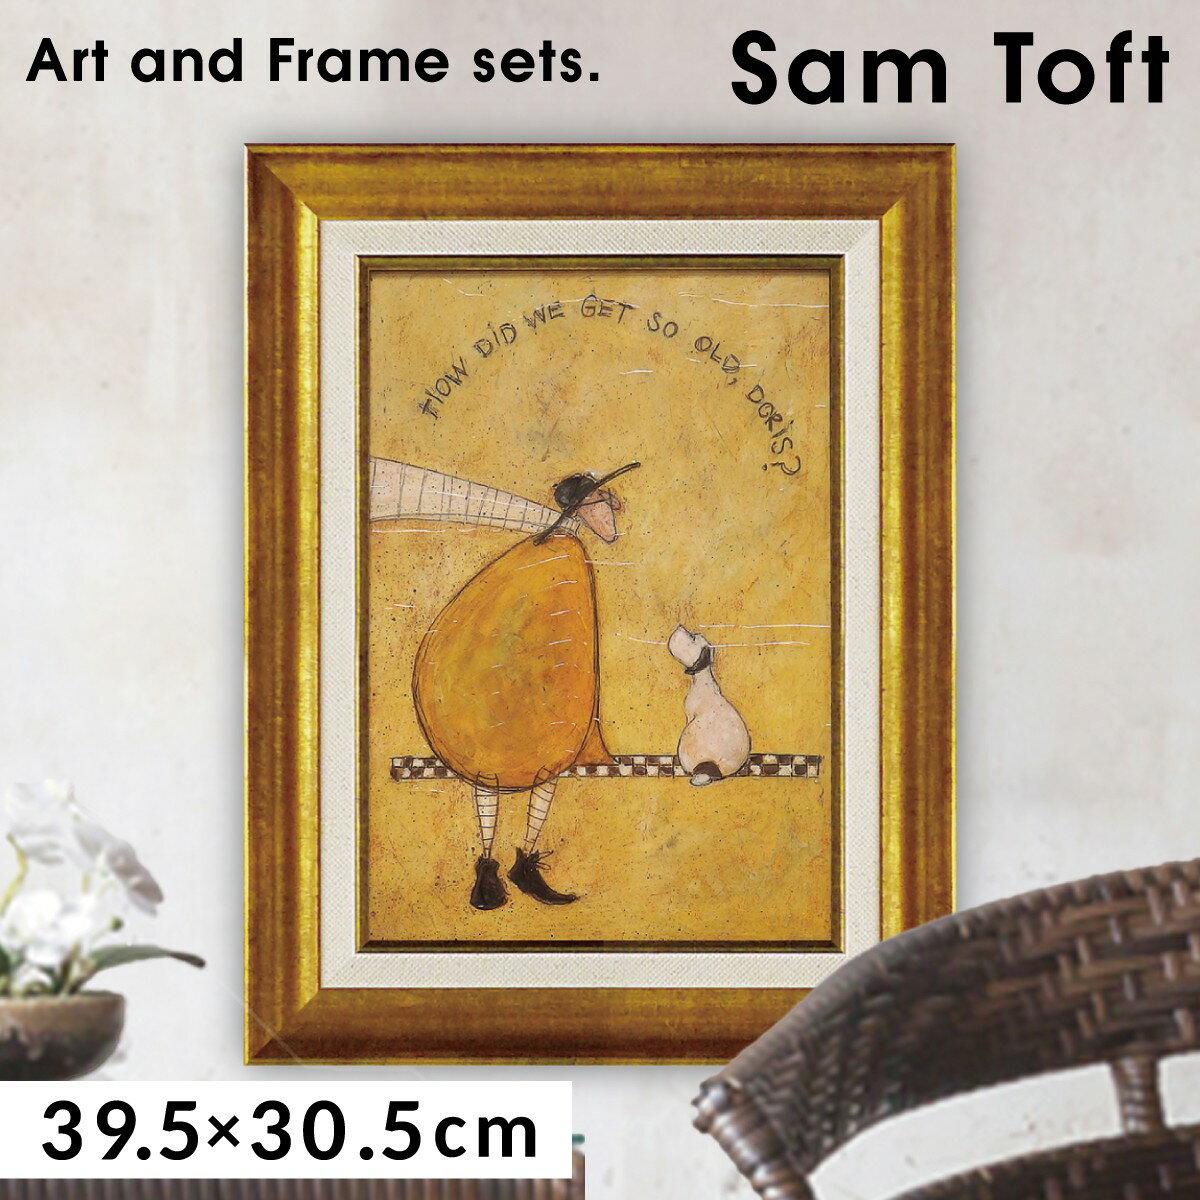 絵画 壁掛け アート アートパネル サムトフト ゲット オールド ドリス ST-05823